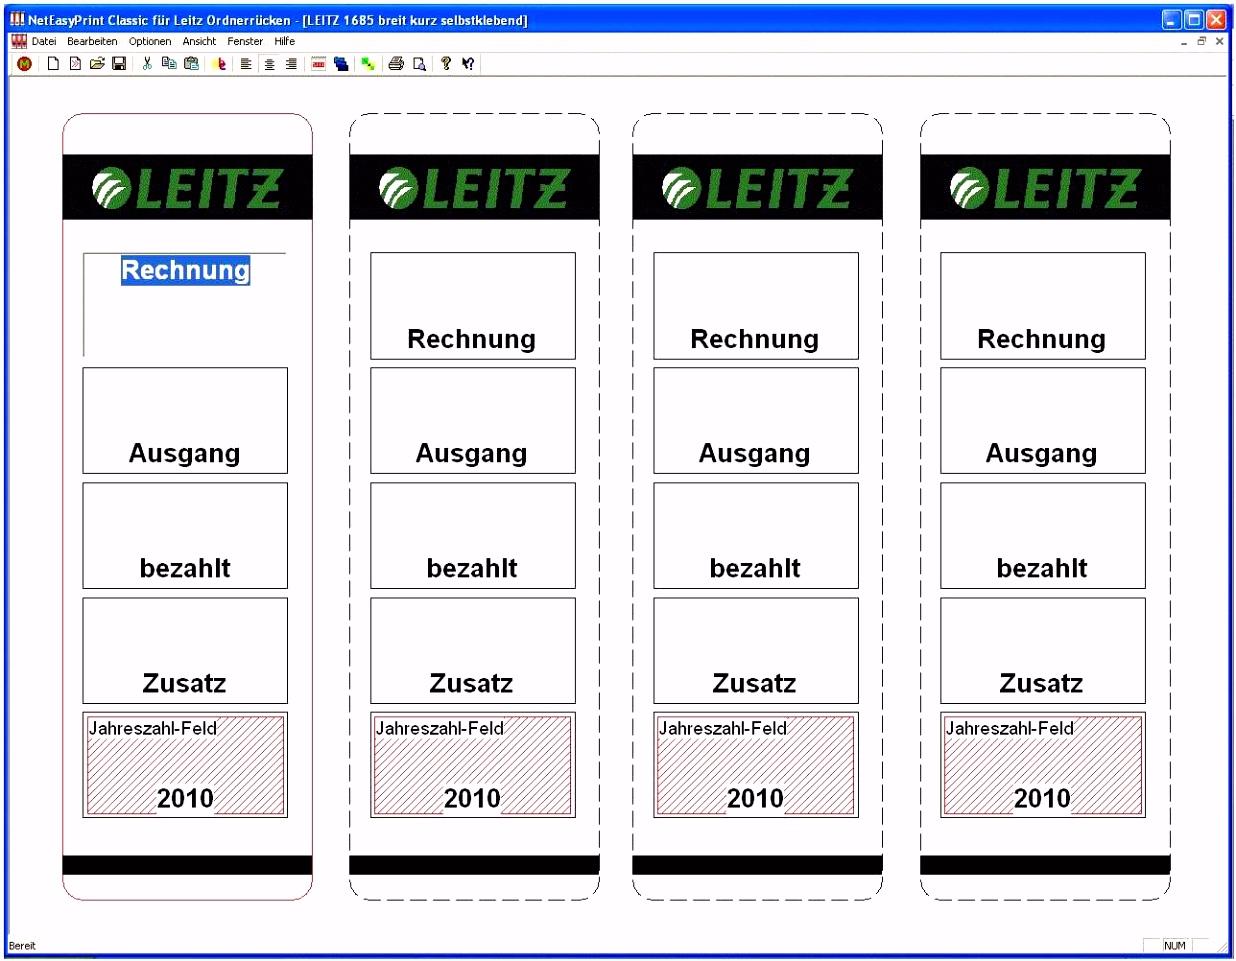 Aktenordner Beschriftung Vorlage Leitz ordner Etiketten Vorlage Word Elegant Leitz ordnerrücken B7nk28skr1 Imie56esv5